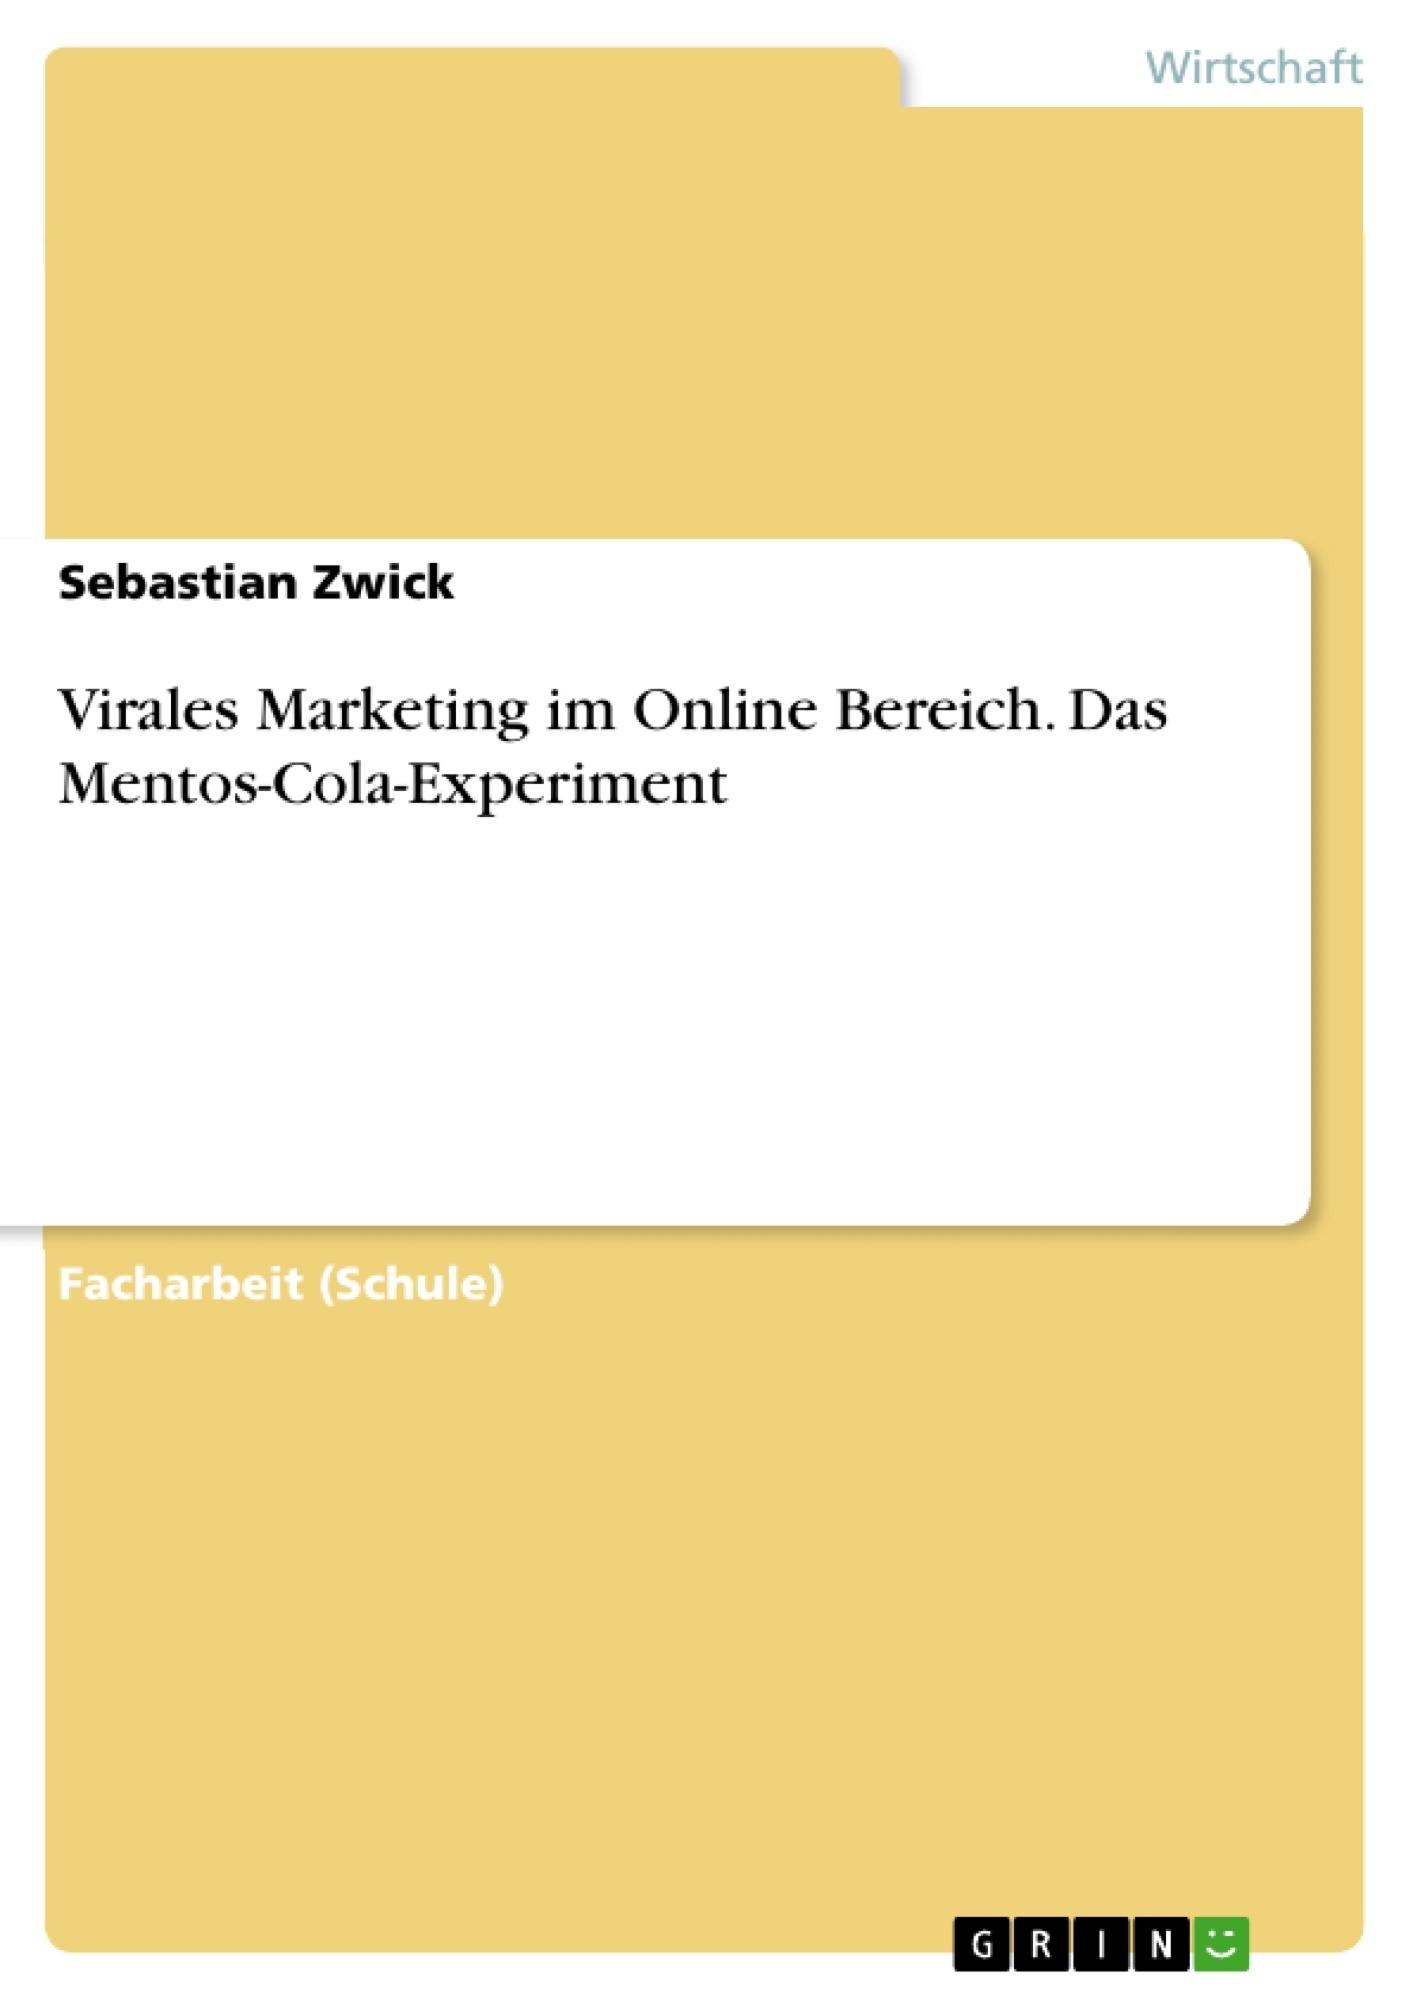 Titel: Virales Marketing im Online Bereich. Das Mentos-Cola-Experiment